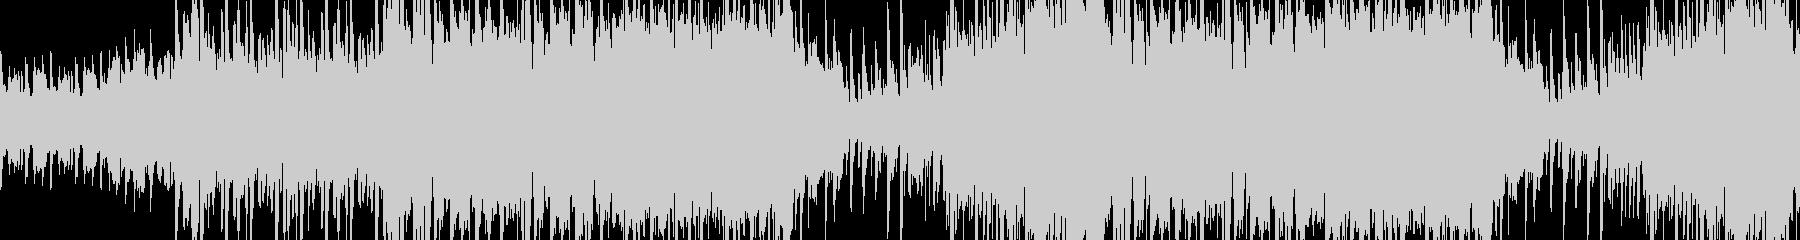 ループ:明るく賑やかで可愛いケルト風の曲の未再生の波形